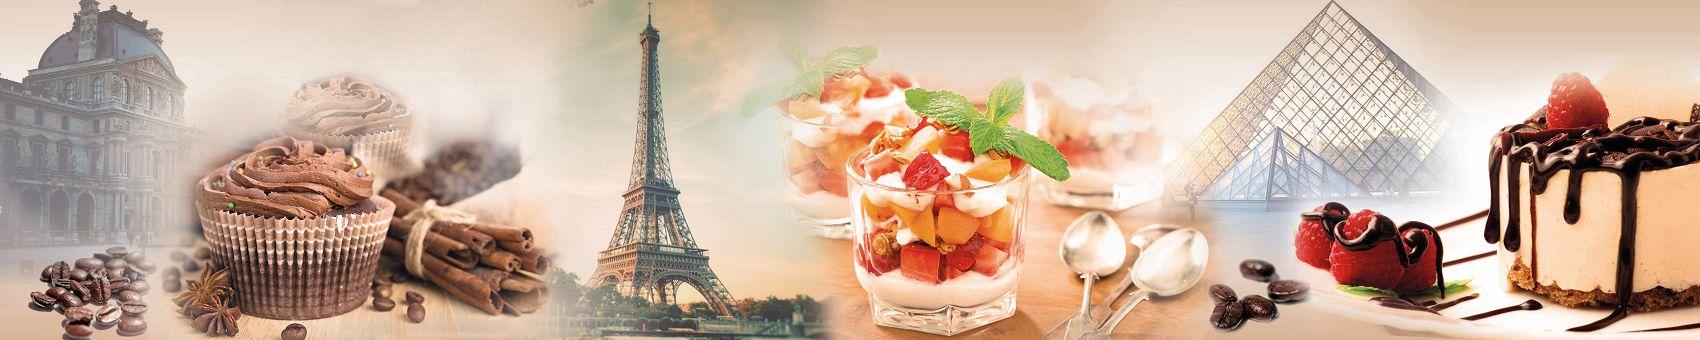 Десерт и Париж